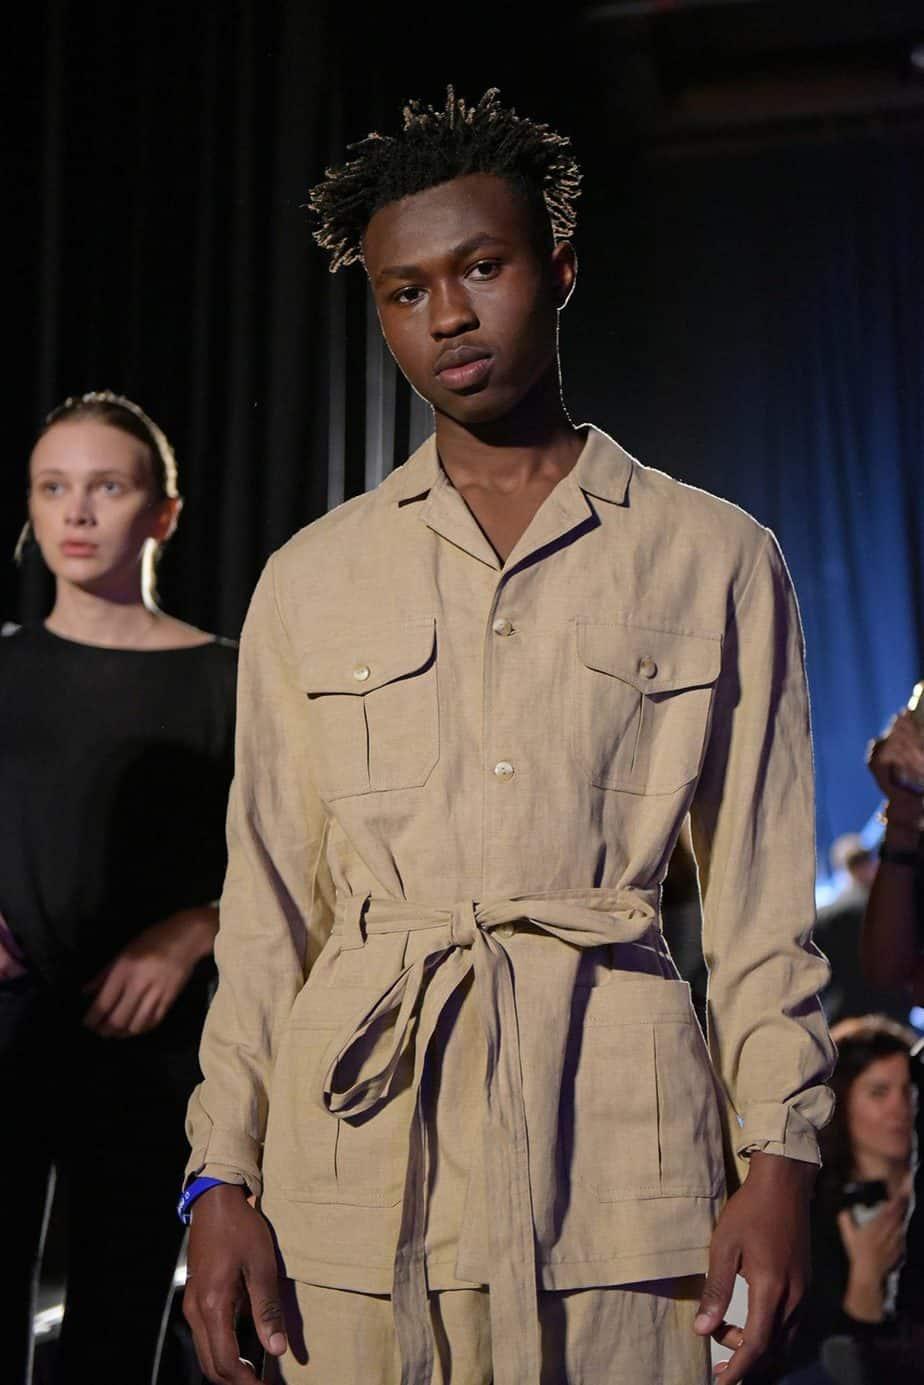 שורש. שבוע האופנה תל אביב 2019, צילום סרגו סטרודובצב - 2